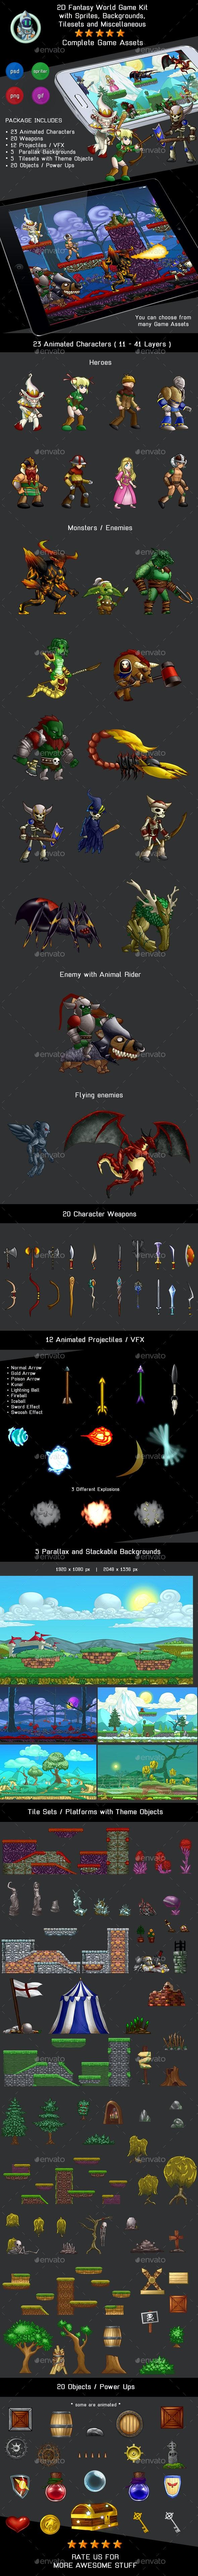 2D Fantasy World Game Kit Bundle w sprites, backgrounds & more - Game Kits Game Assets